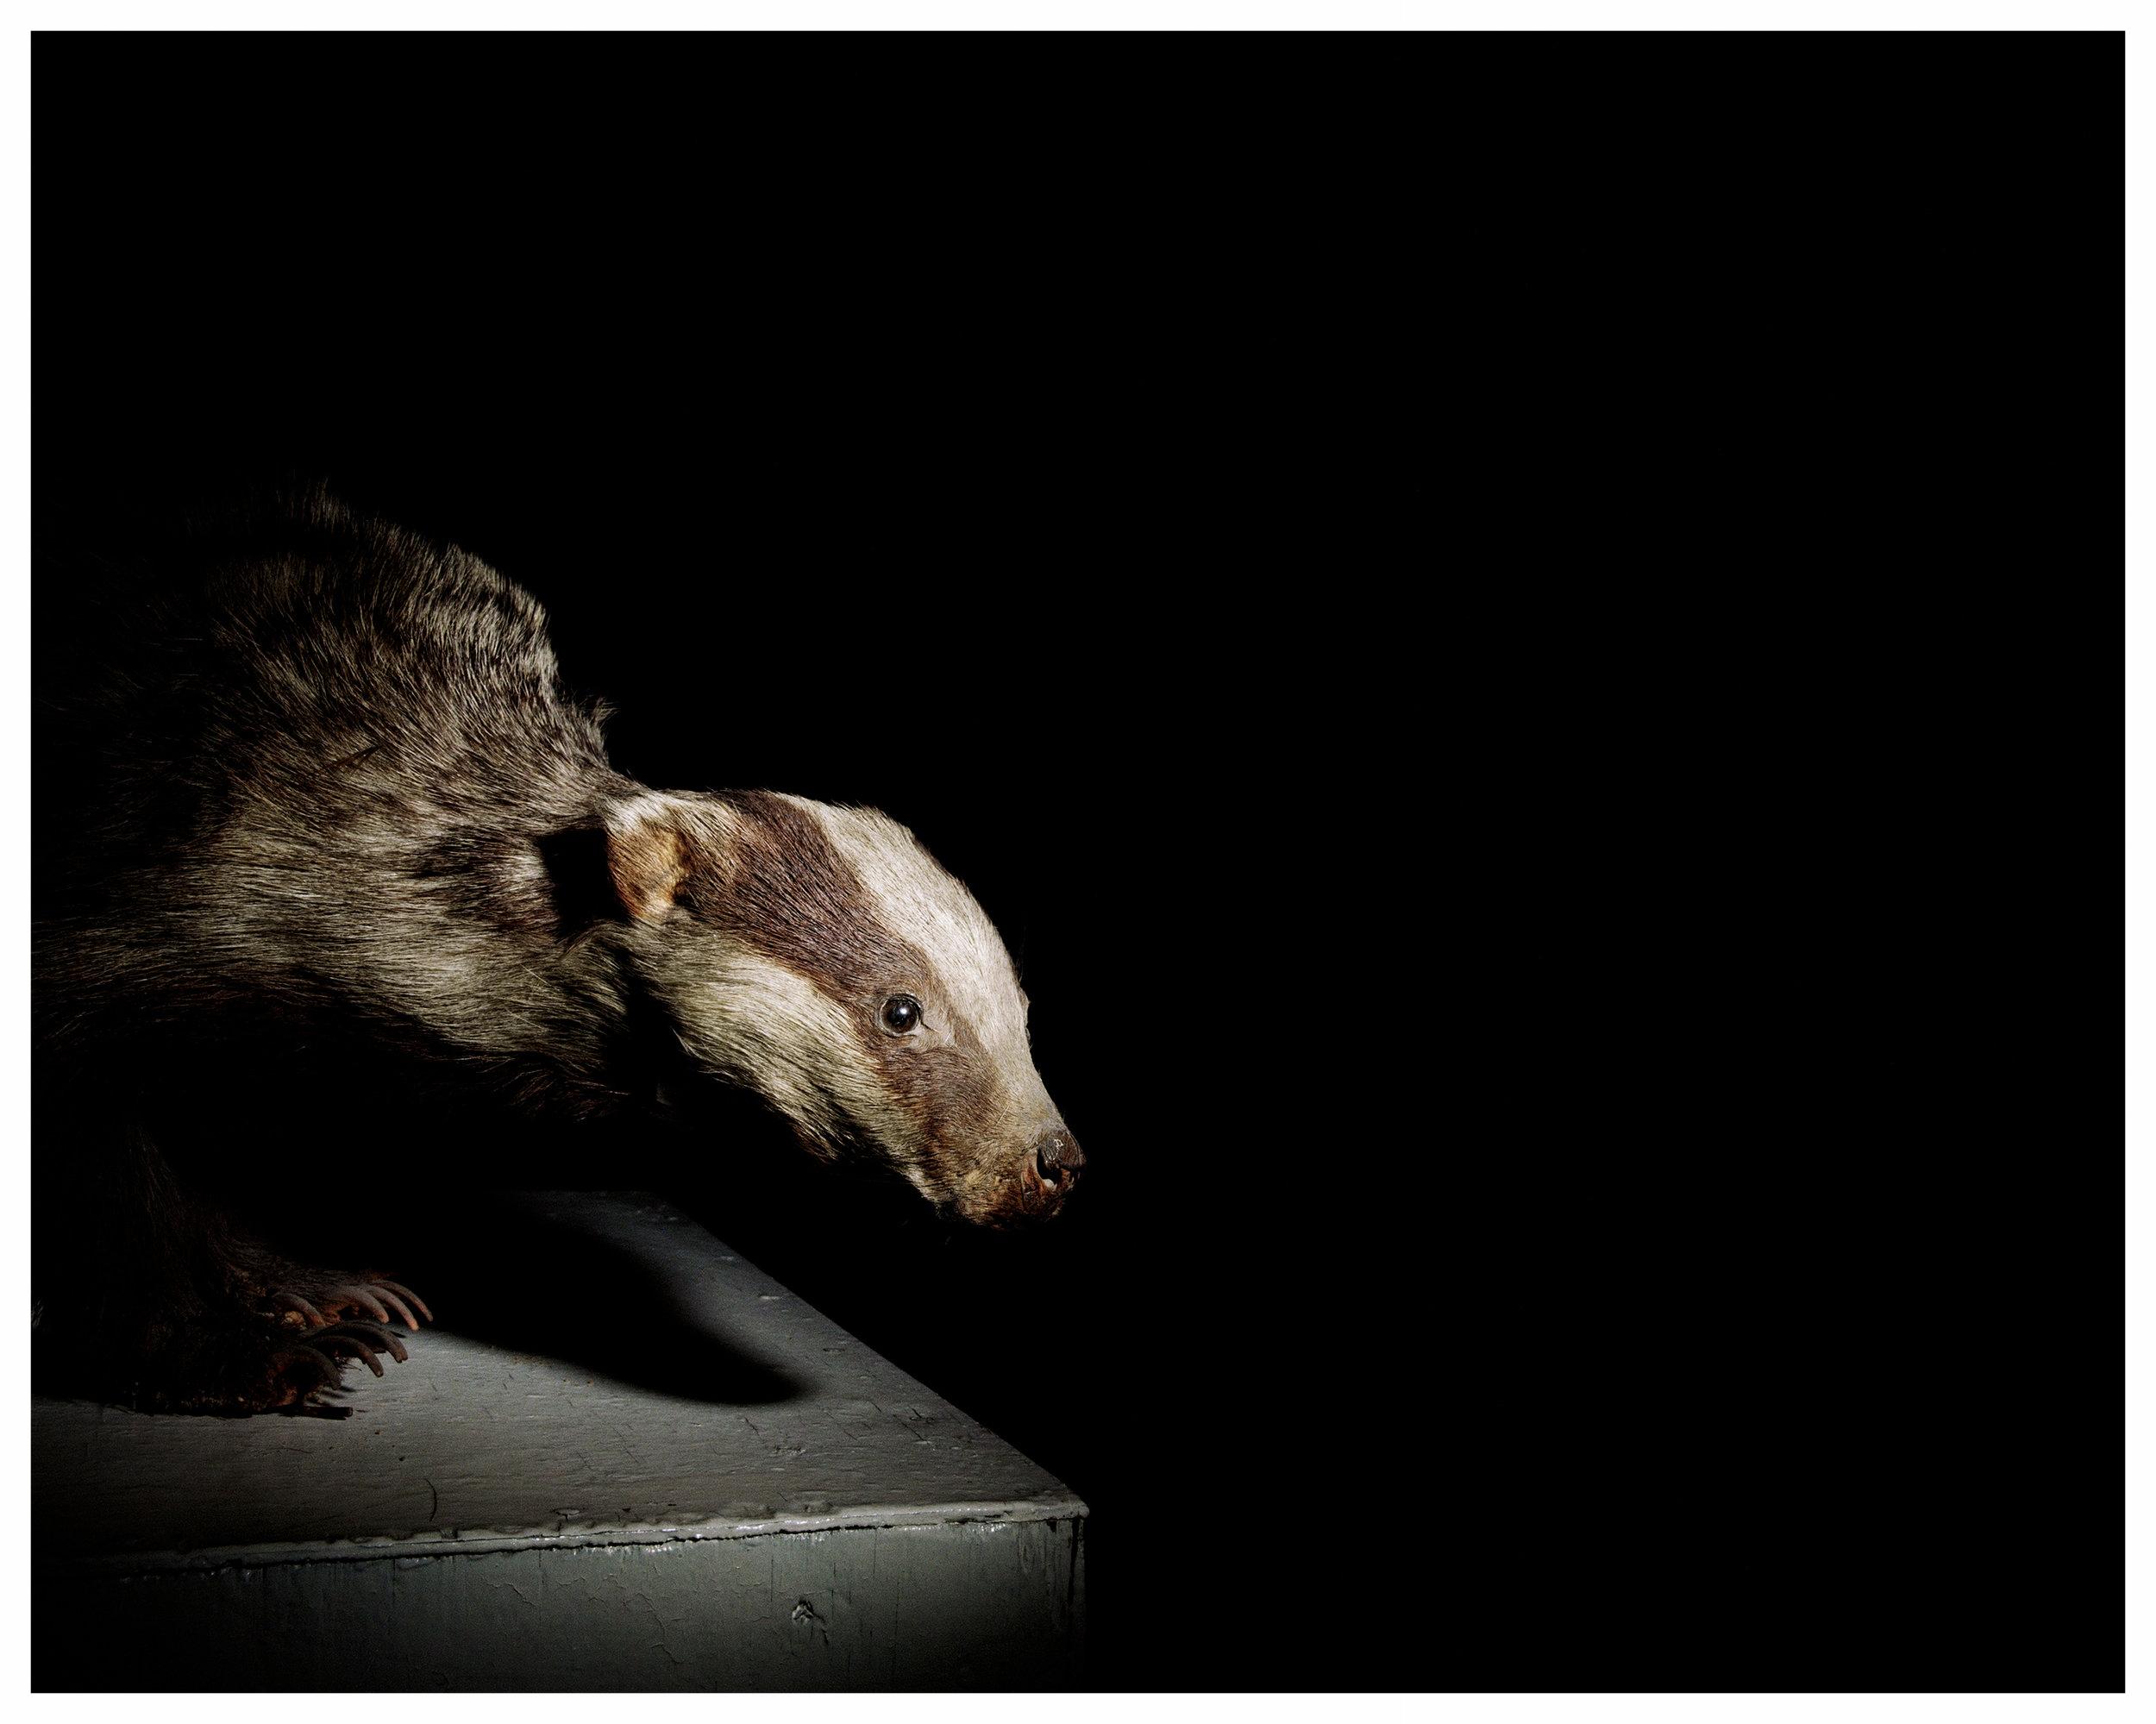 _beaver-24-by-30-carolyn.jpg